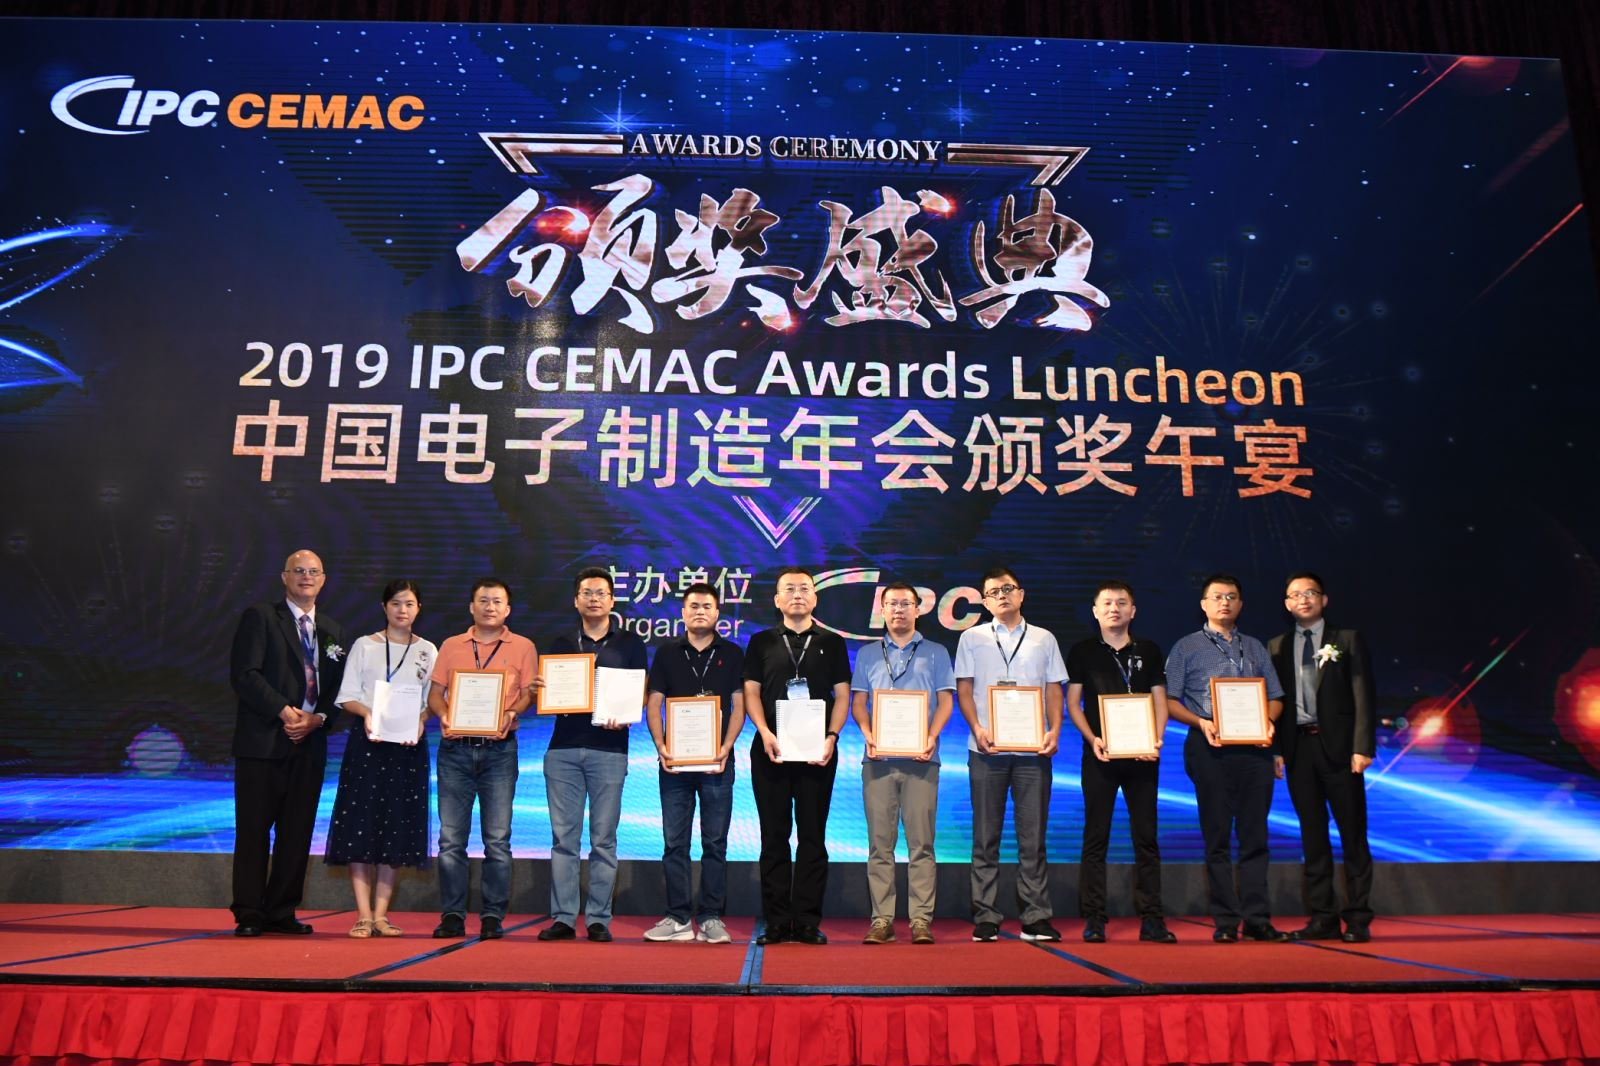 IPC国际电子工业联接协会2019 IPC CEMAC 电子行业年会